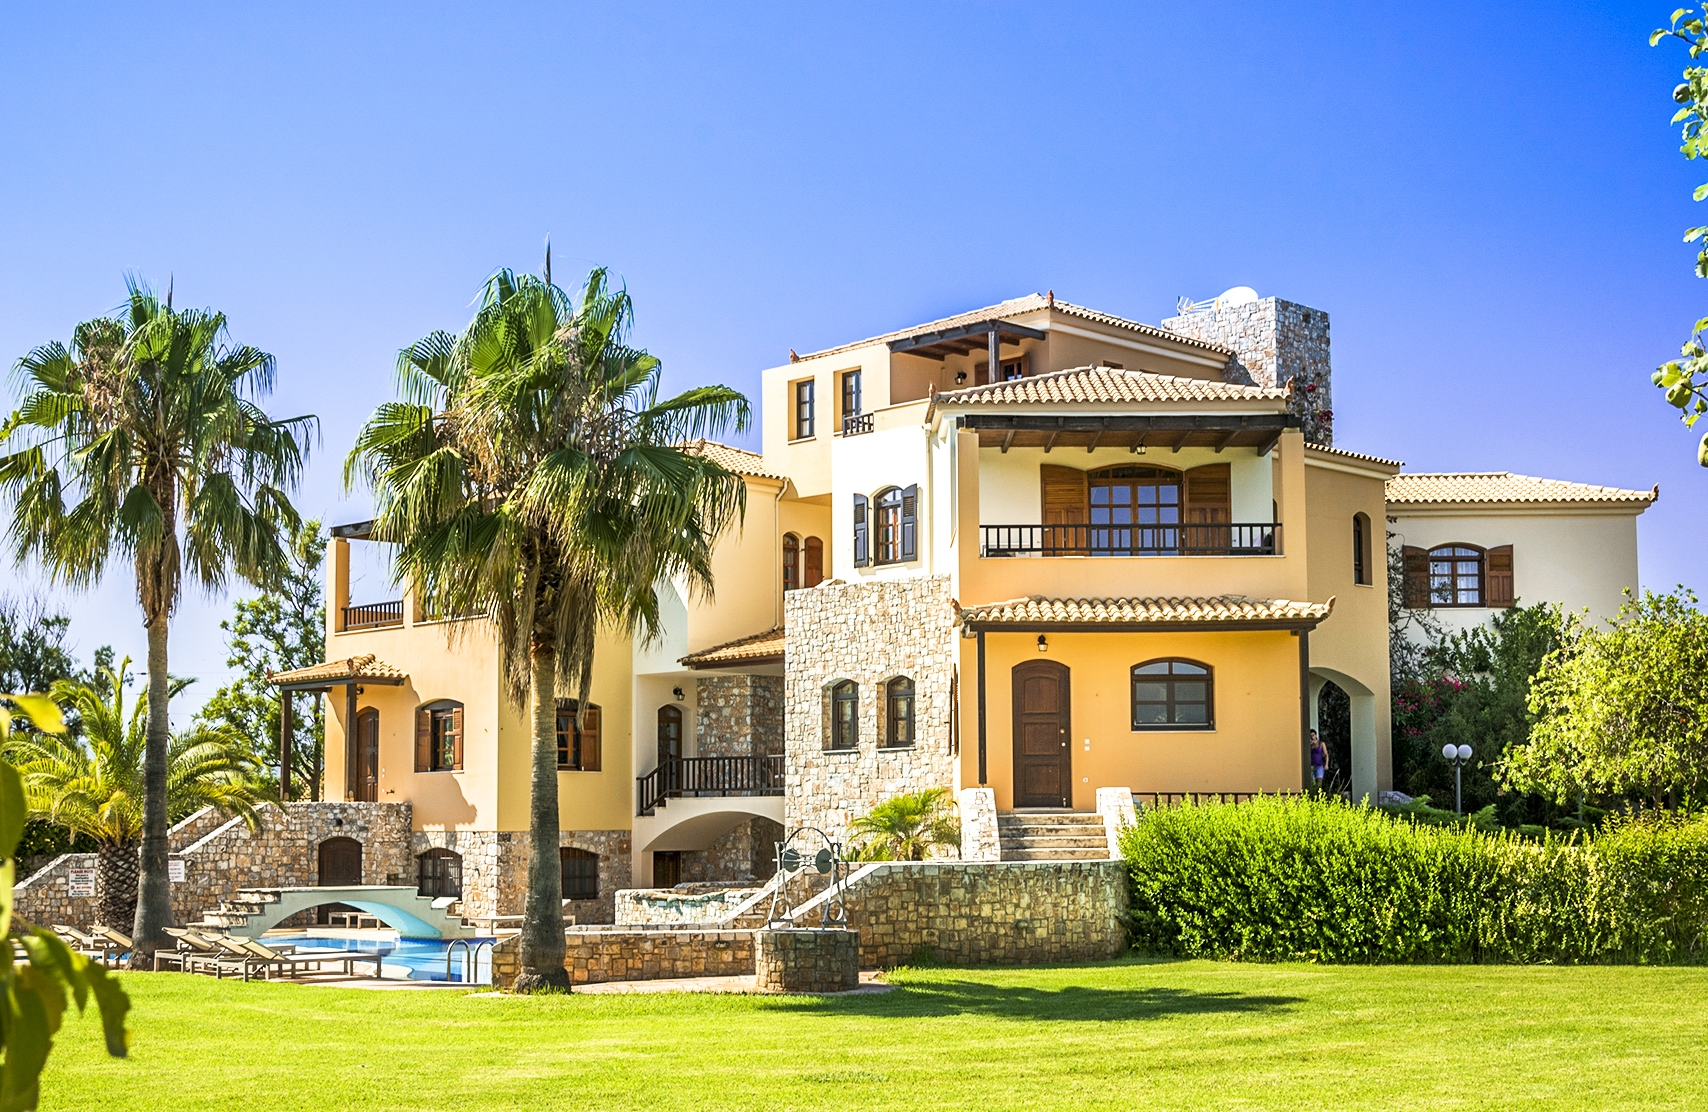 En af villaerne som Sun Tours tilbyder er denne på Grækenlands største ø, Kreta. Foto: Sun Tours.